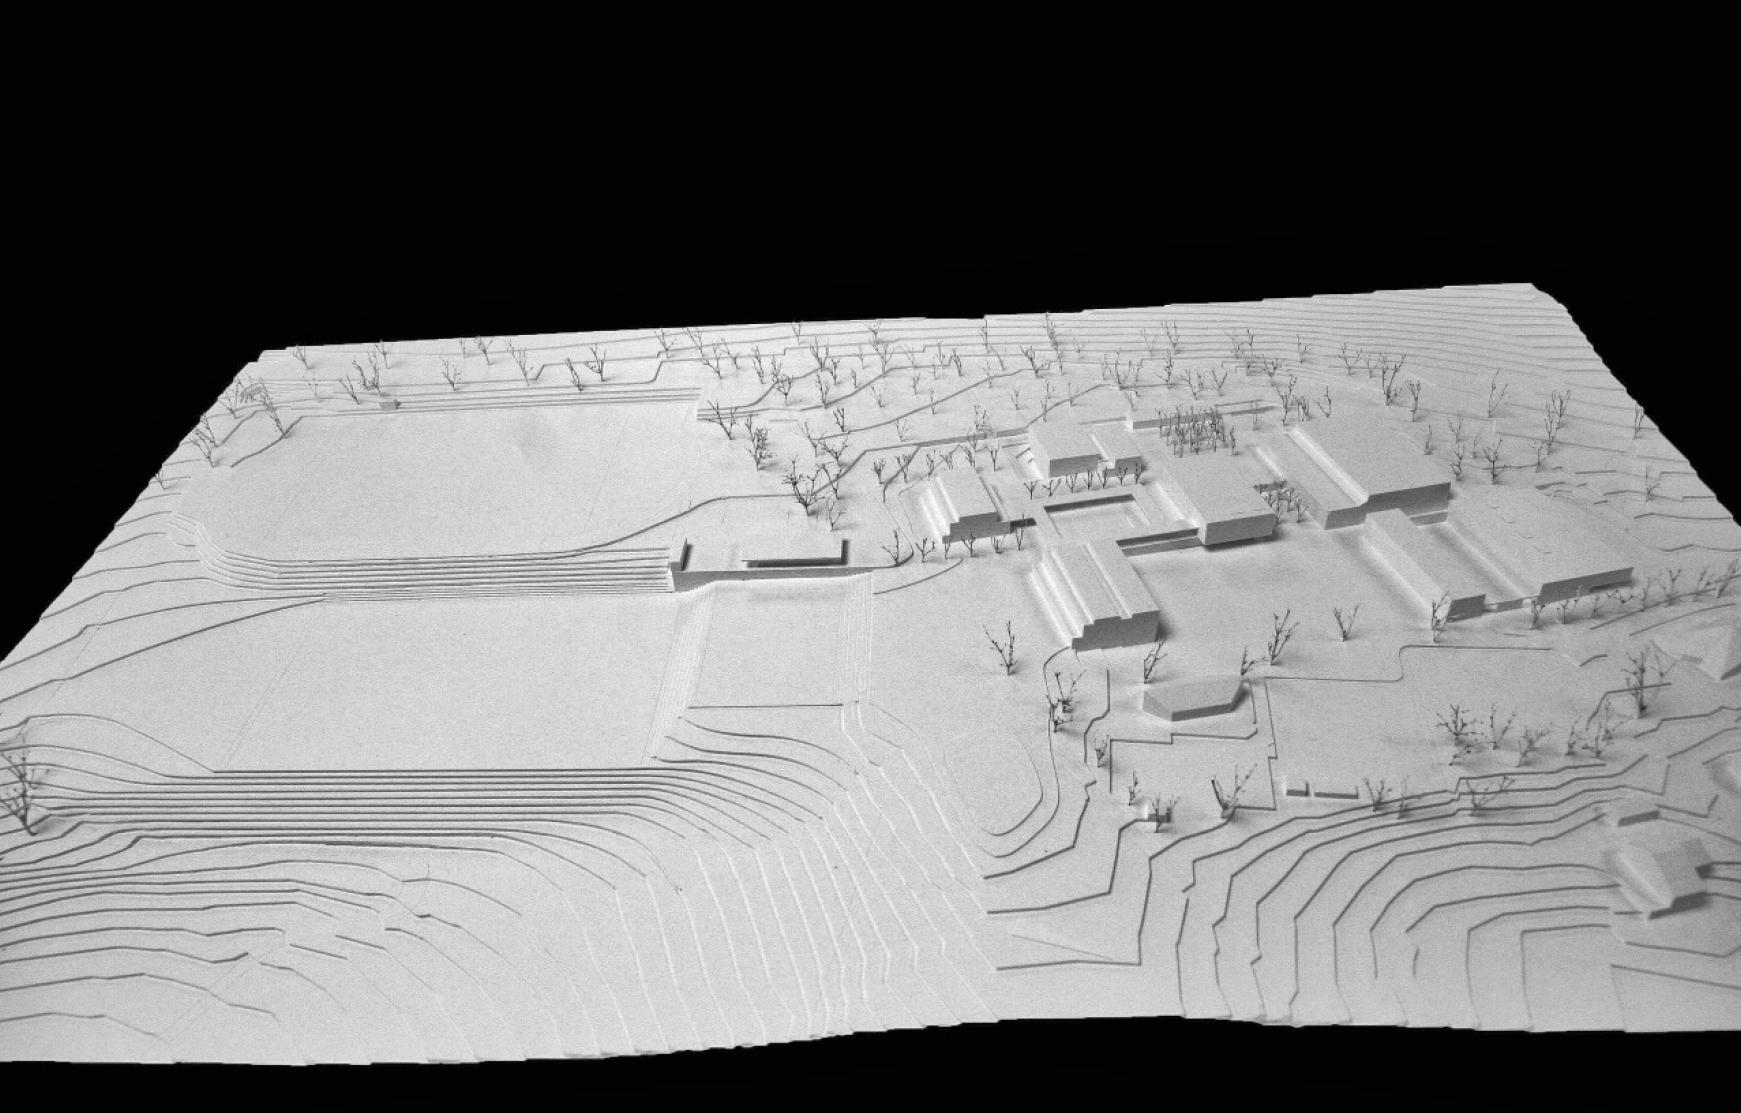 Loorenareal 1. Bauetappe, Maur, Dahinden Heim Architekten, Gambit